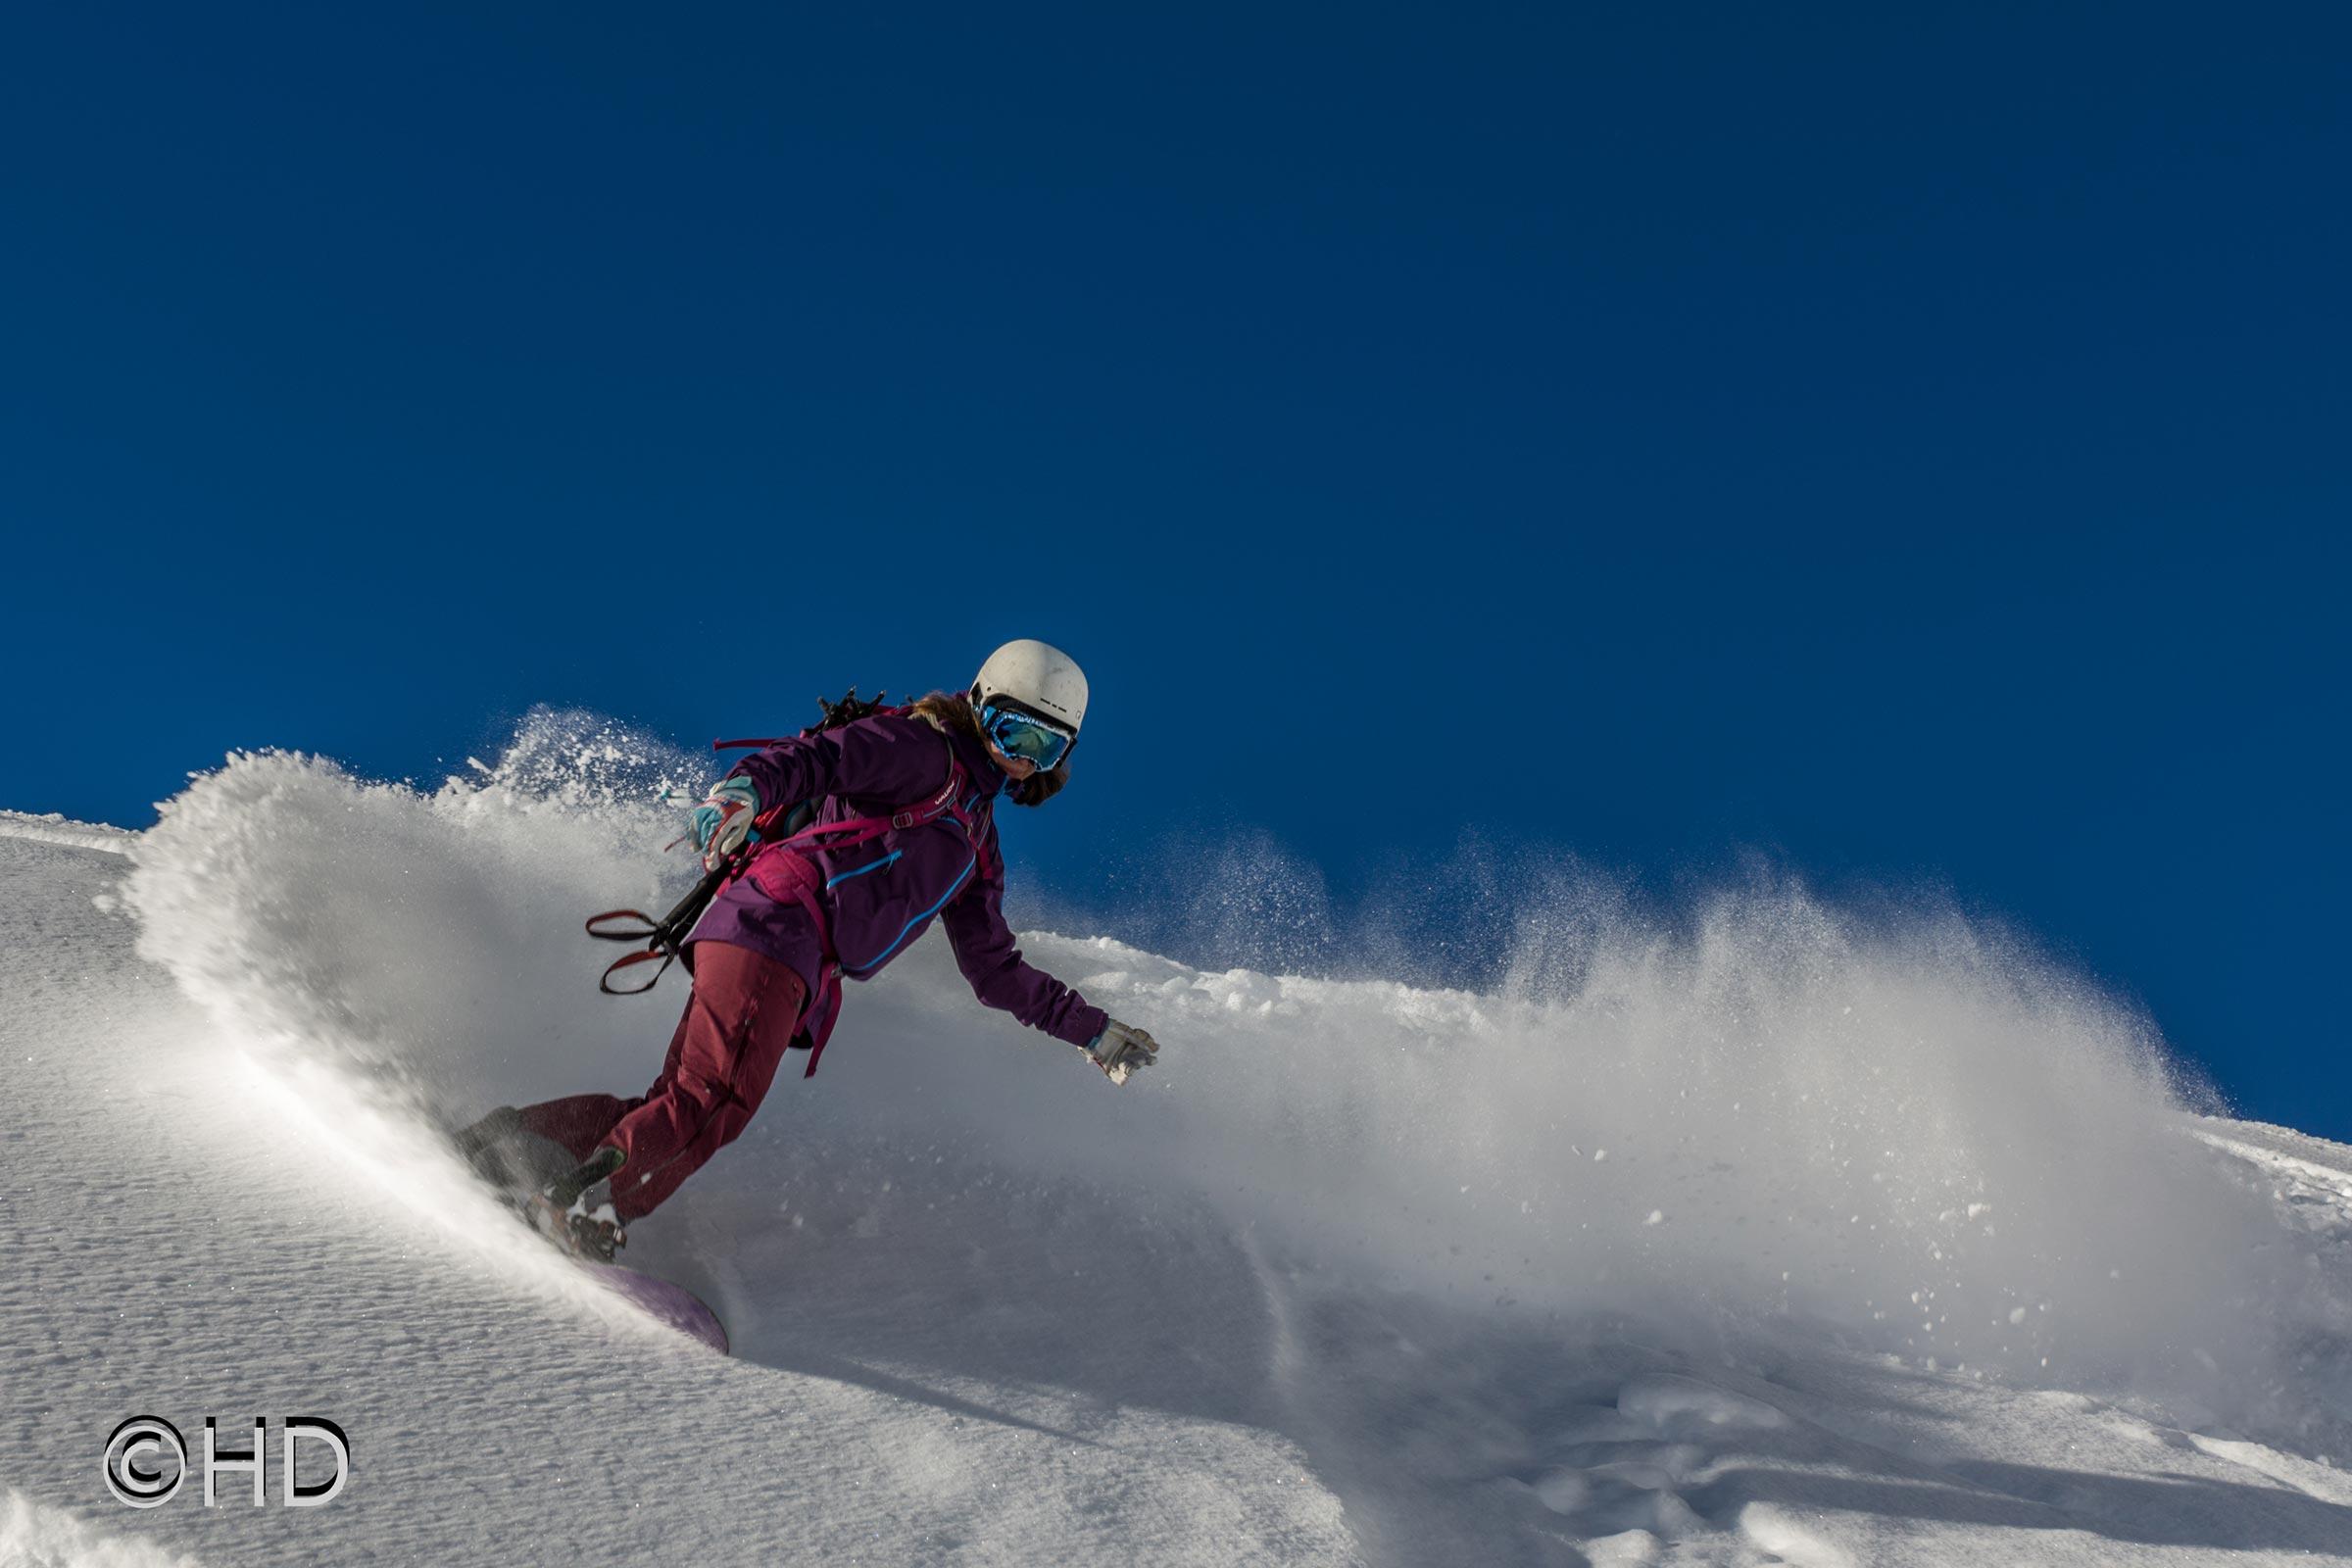 Snowboarderin Turn - Freeriden in Sölden